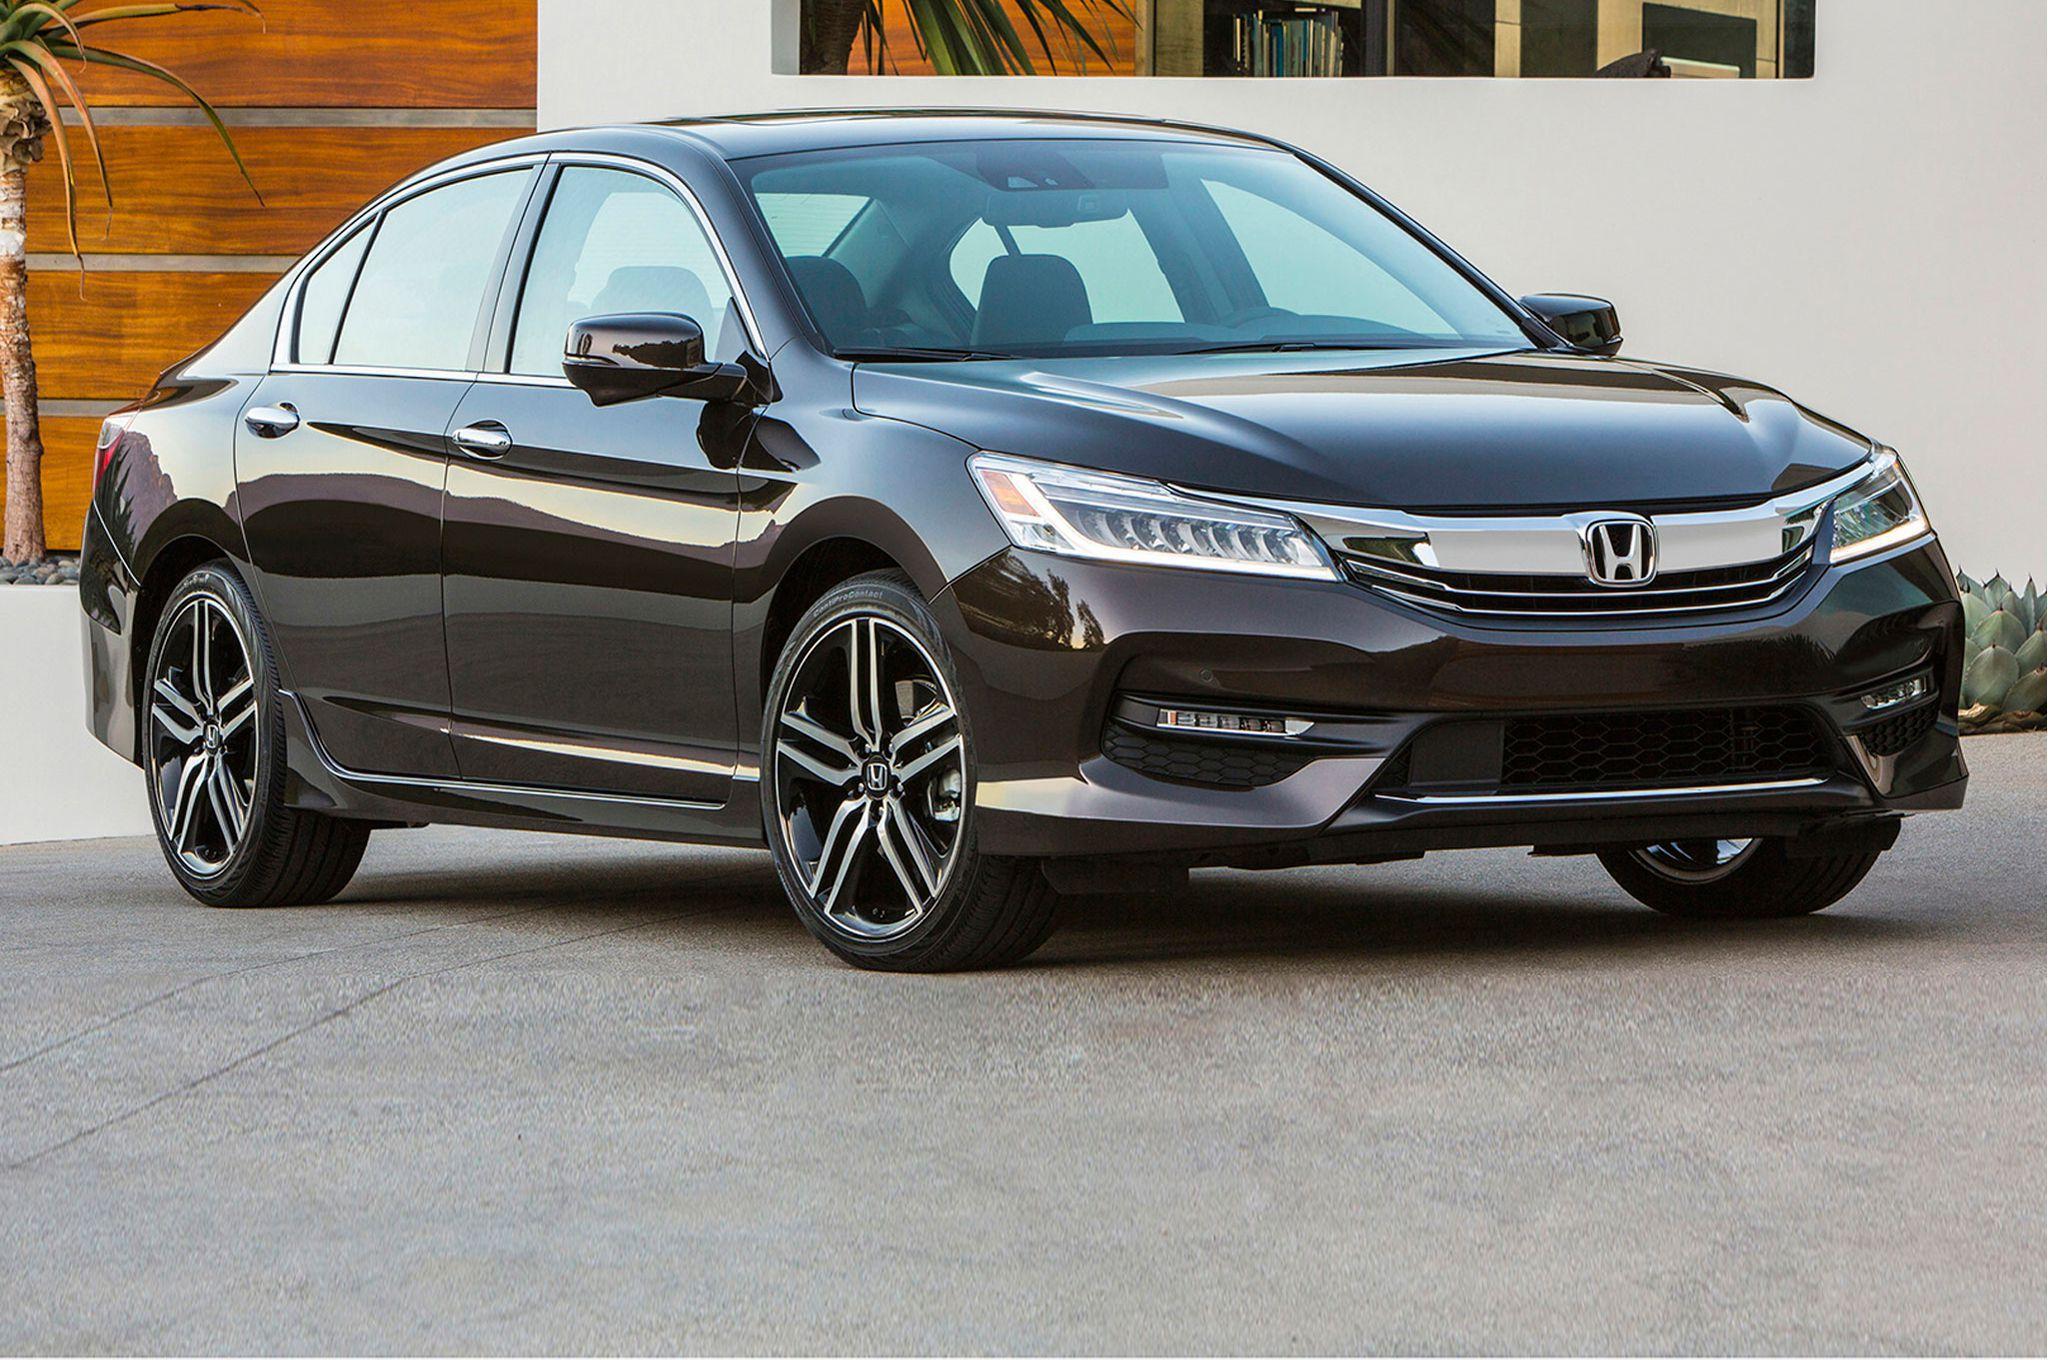 Honda Accord Full Hd